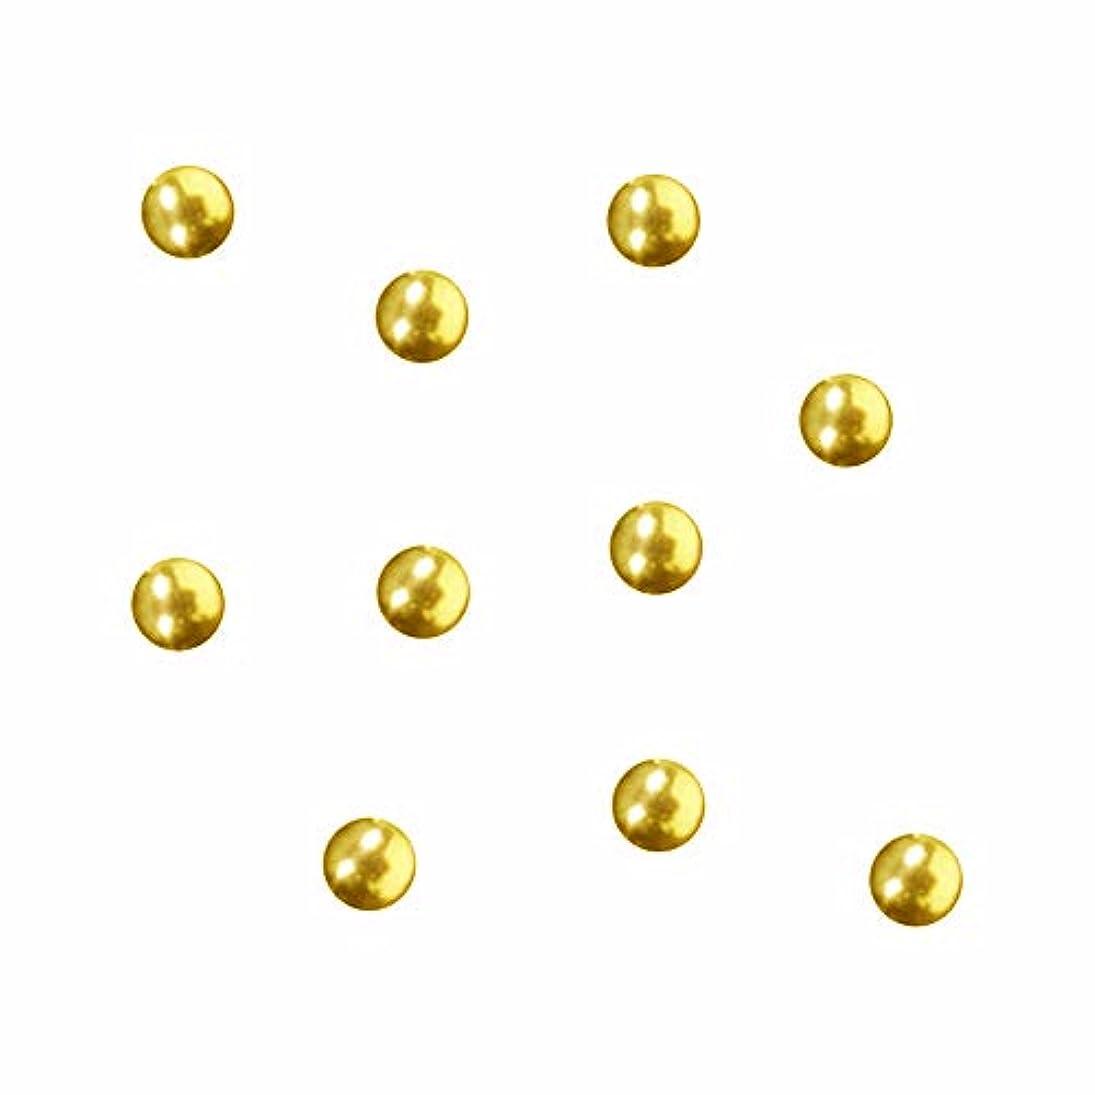 感じつづり倒産SWAROVSKI (スワロフスキー) ラウンドメタル ゴールド 2.5mm 50P